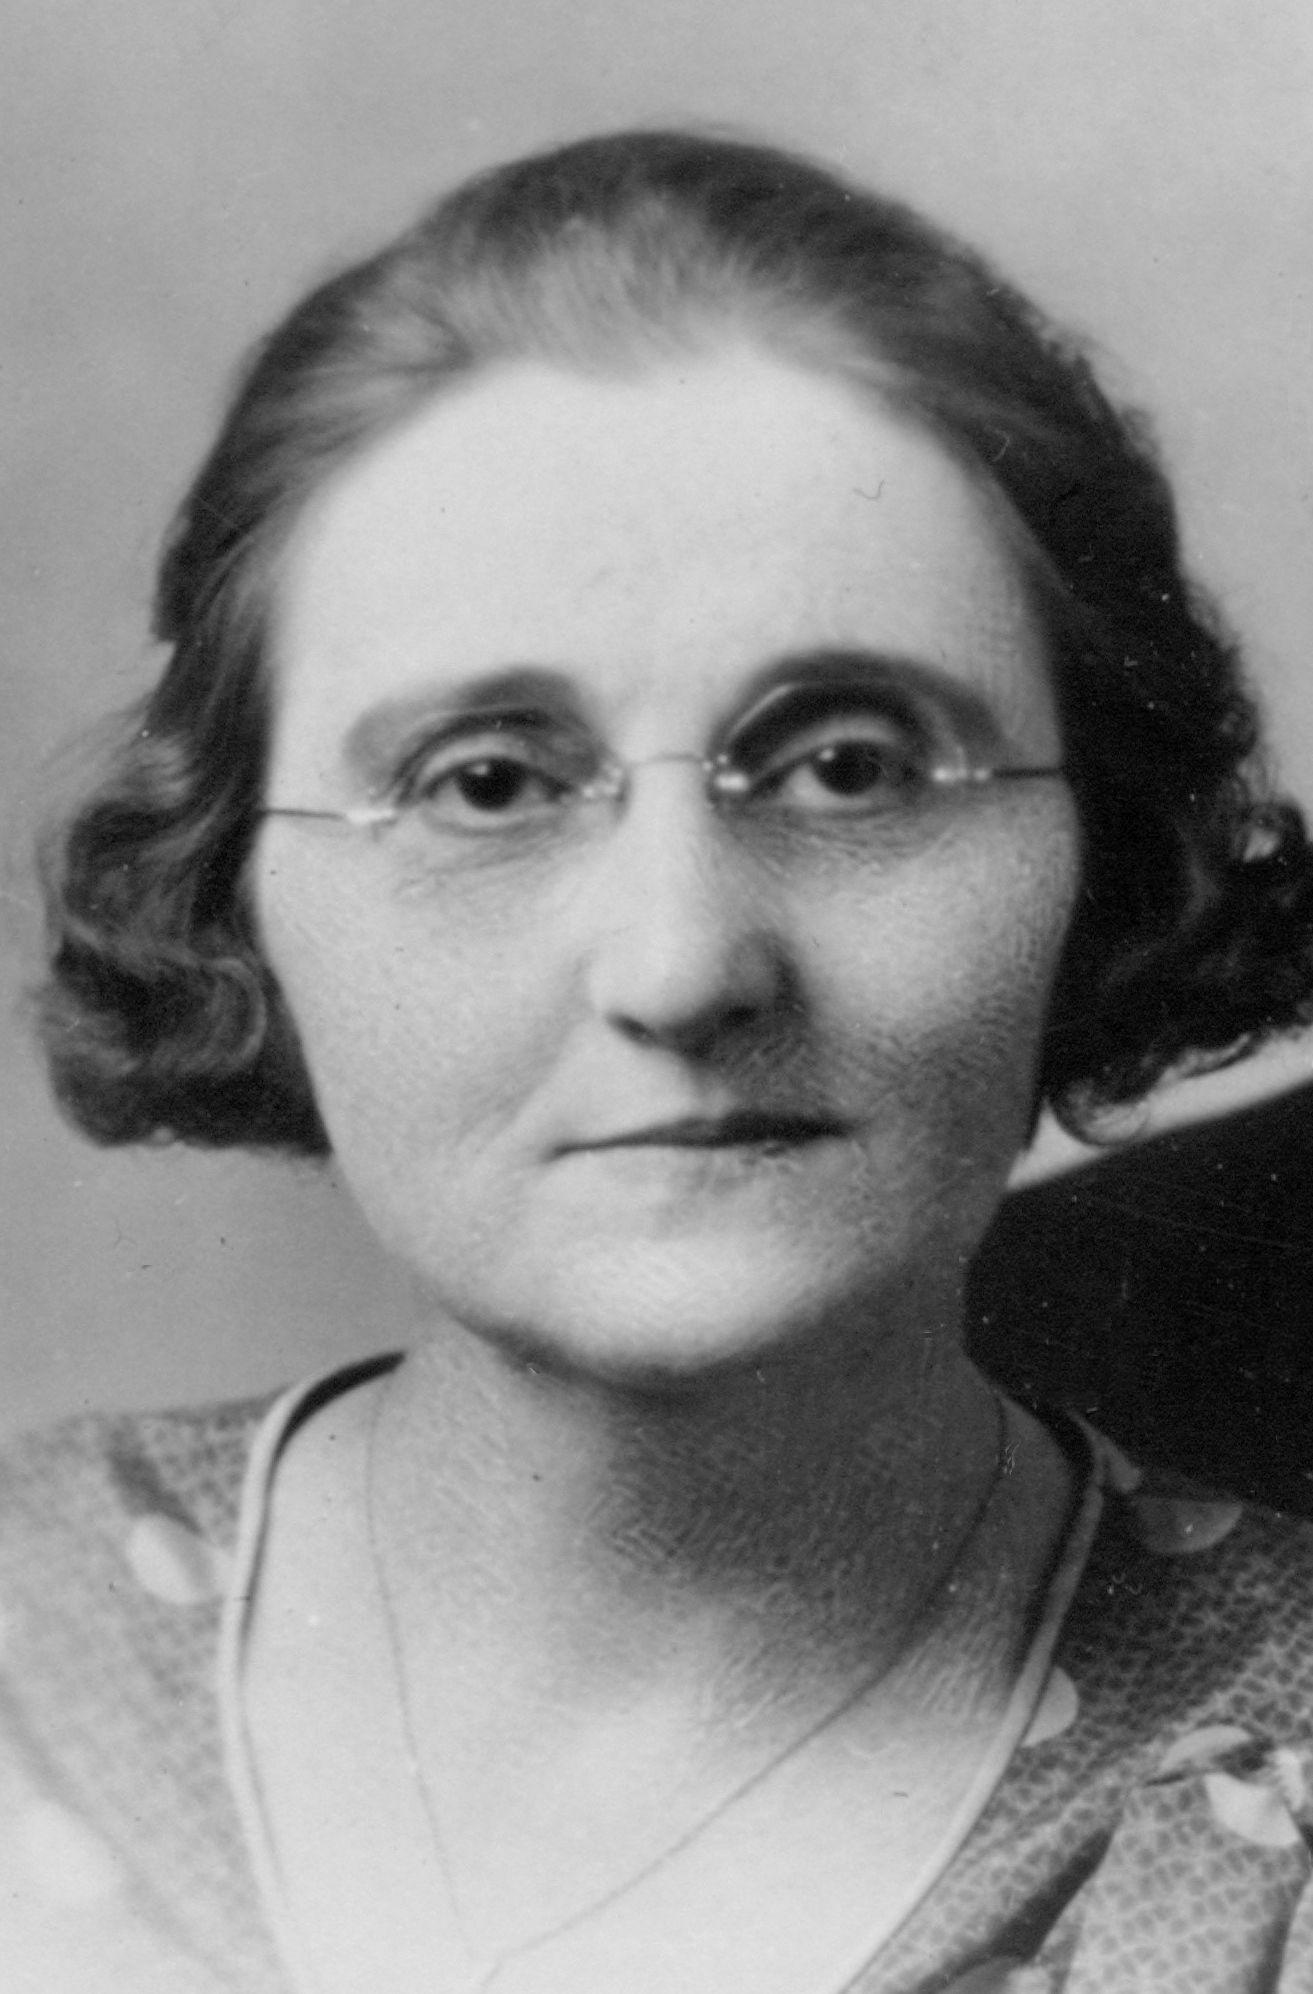 Beatie, Hazel Young